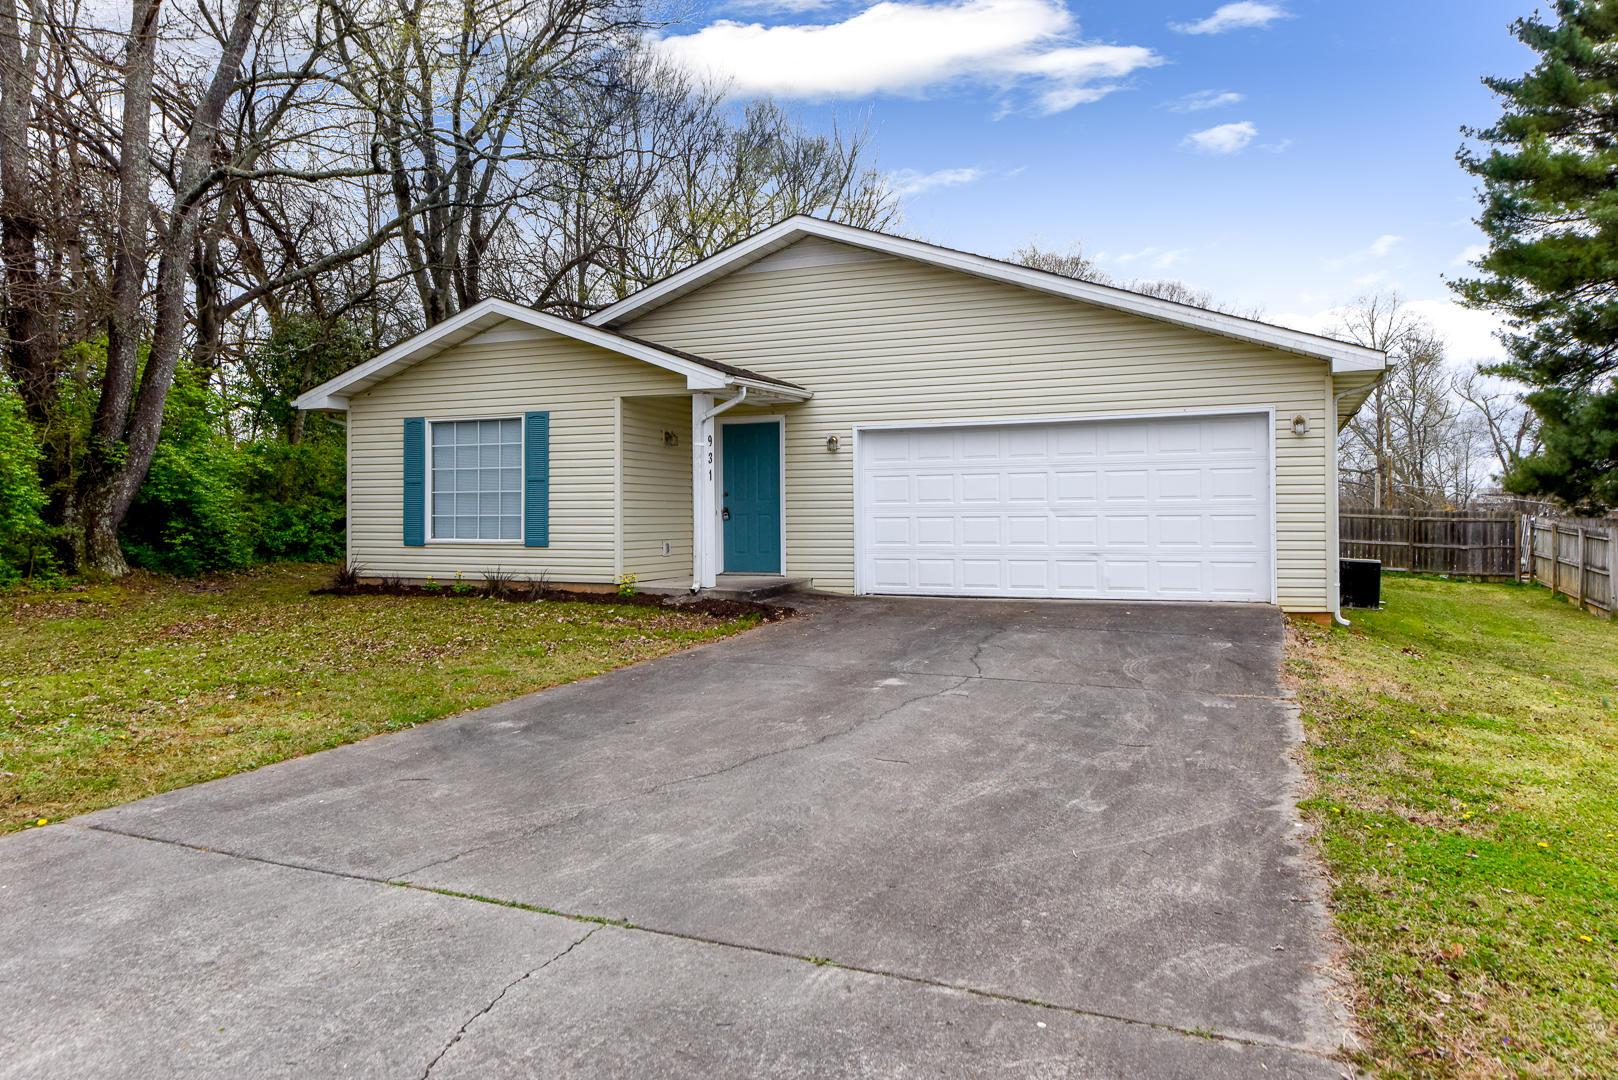 931 Windlau, Maryville, Tennessee, United States 37804, 3 Bedrooms Bedrooms, ,2 BathroomsBathrooms,Single Family,For Sale,Windlau,1036864